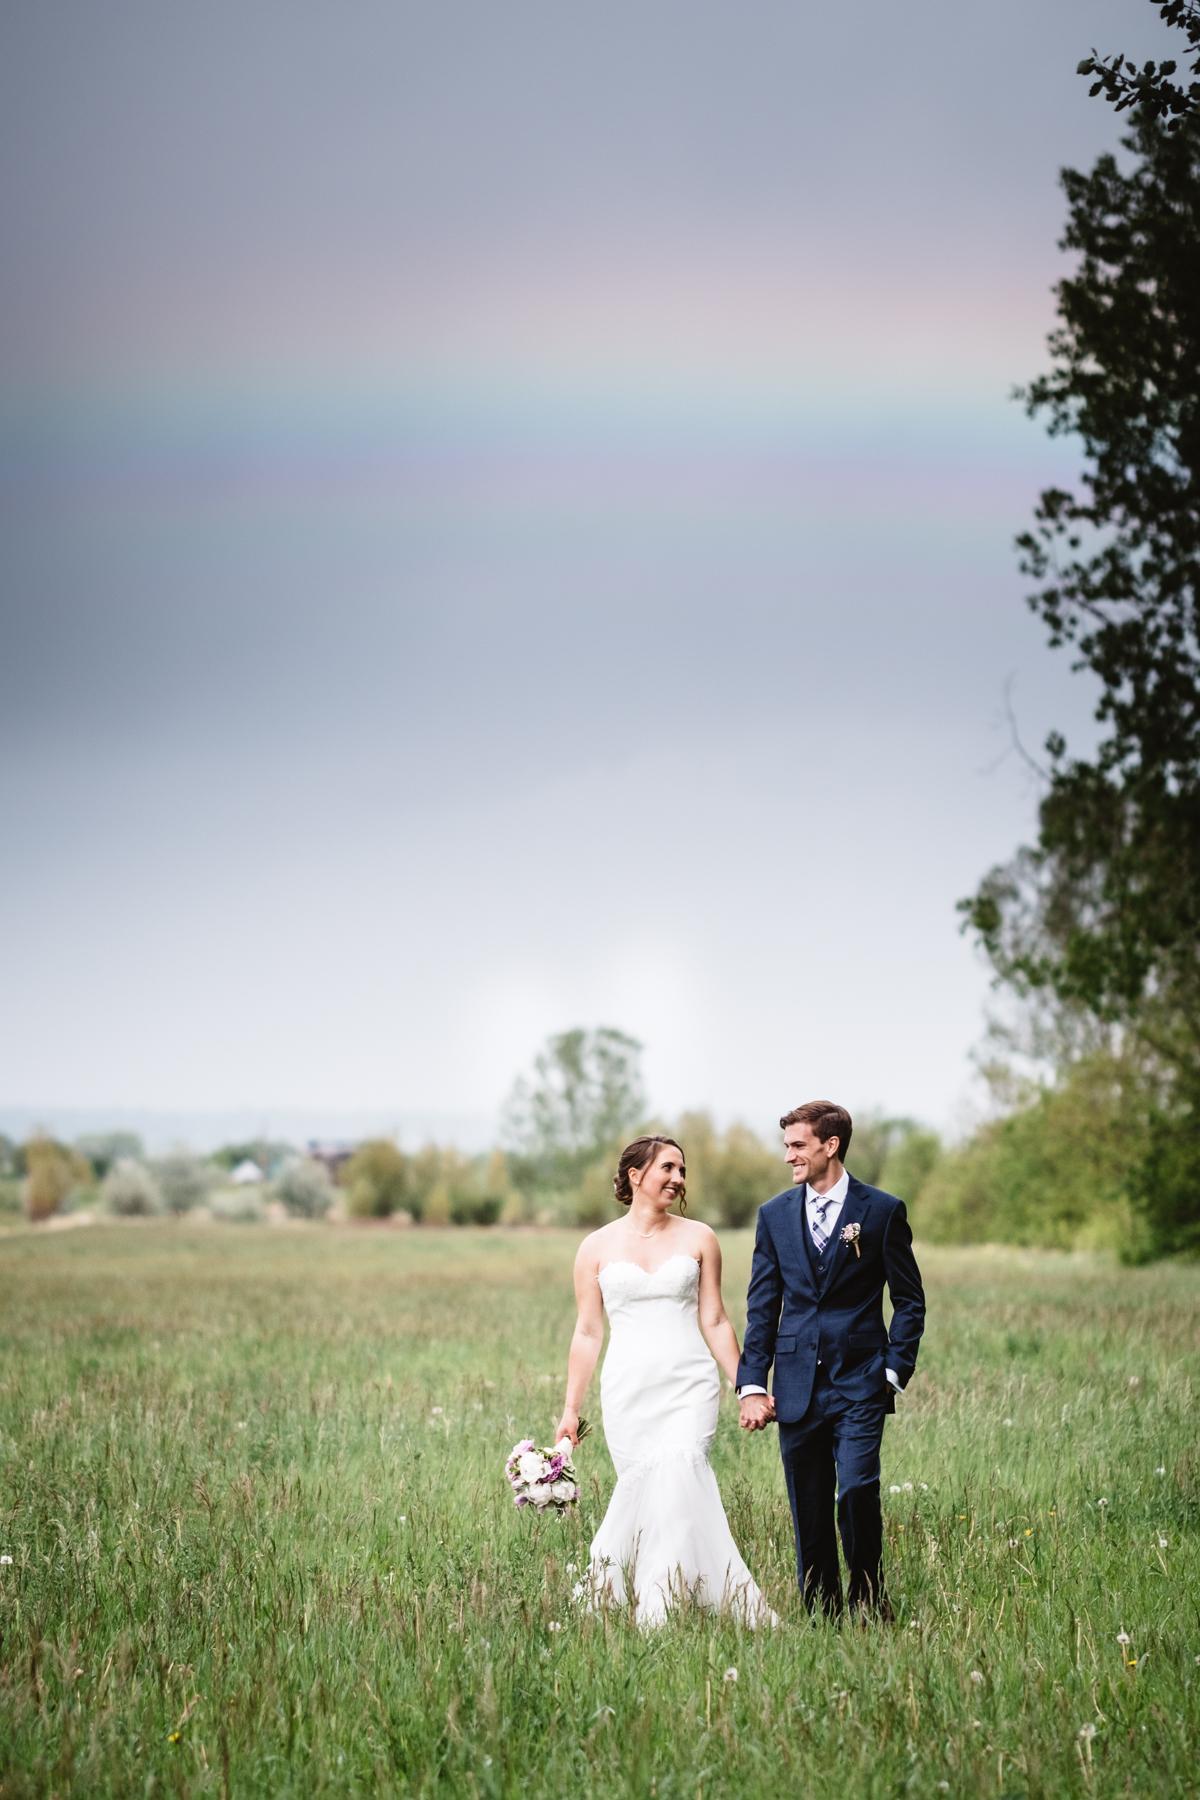 Chelsie+Mike-Lone-Hawk-Farm-Wedding-034.jpg